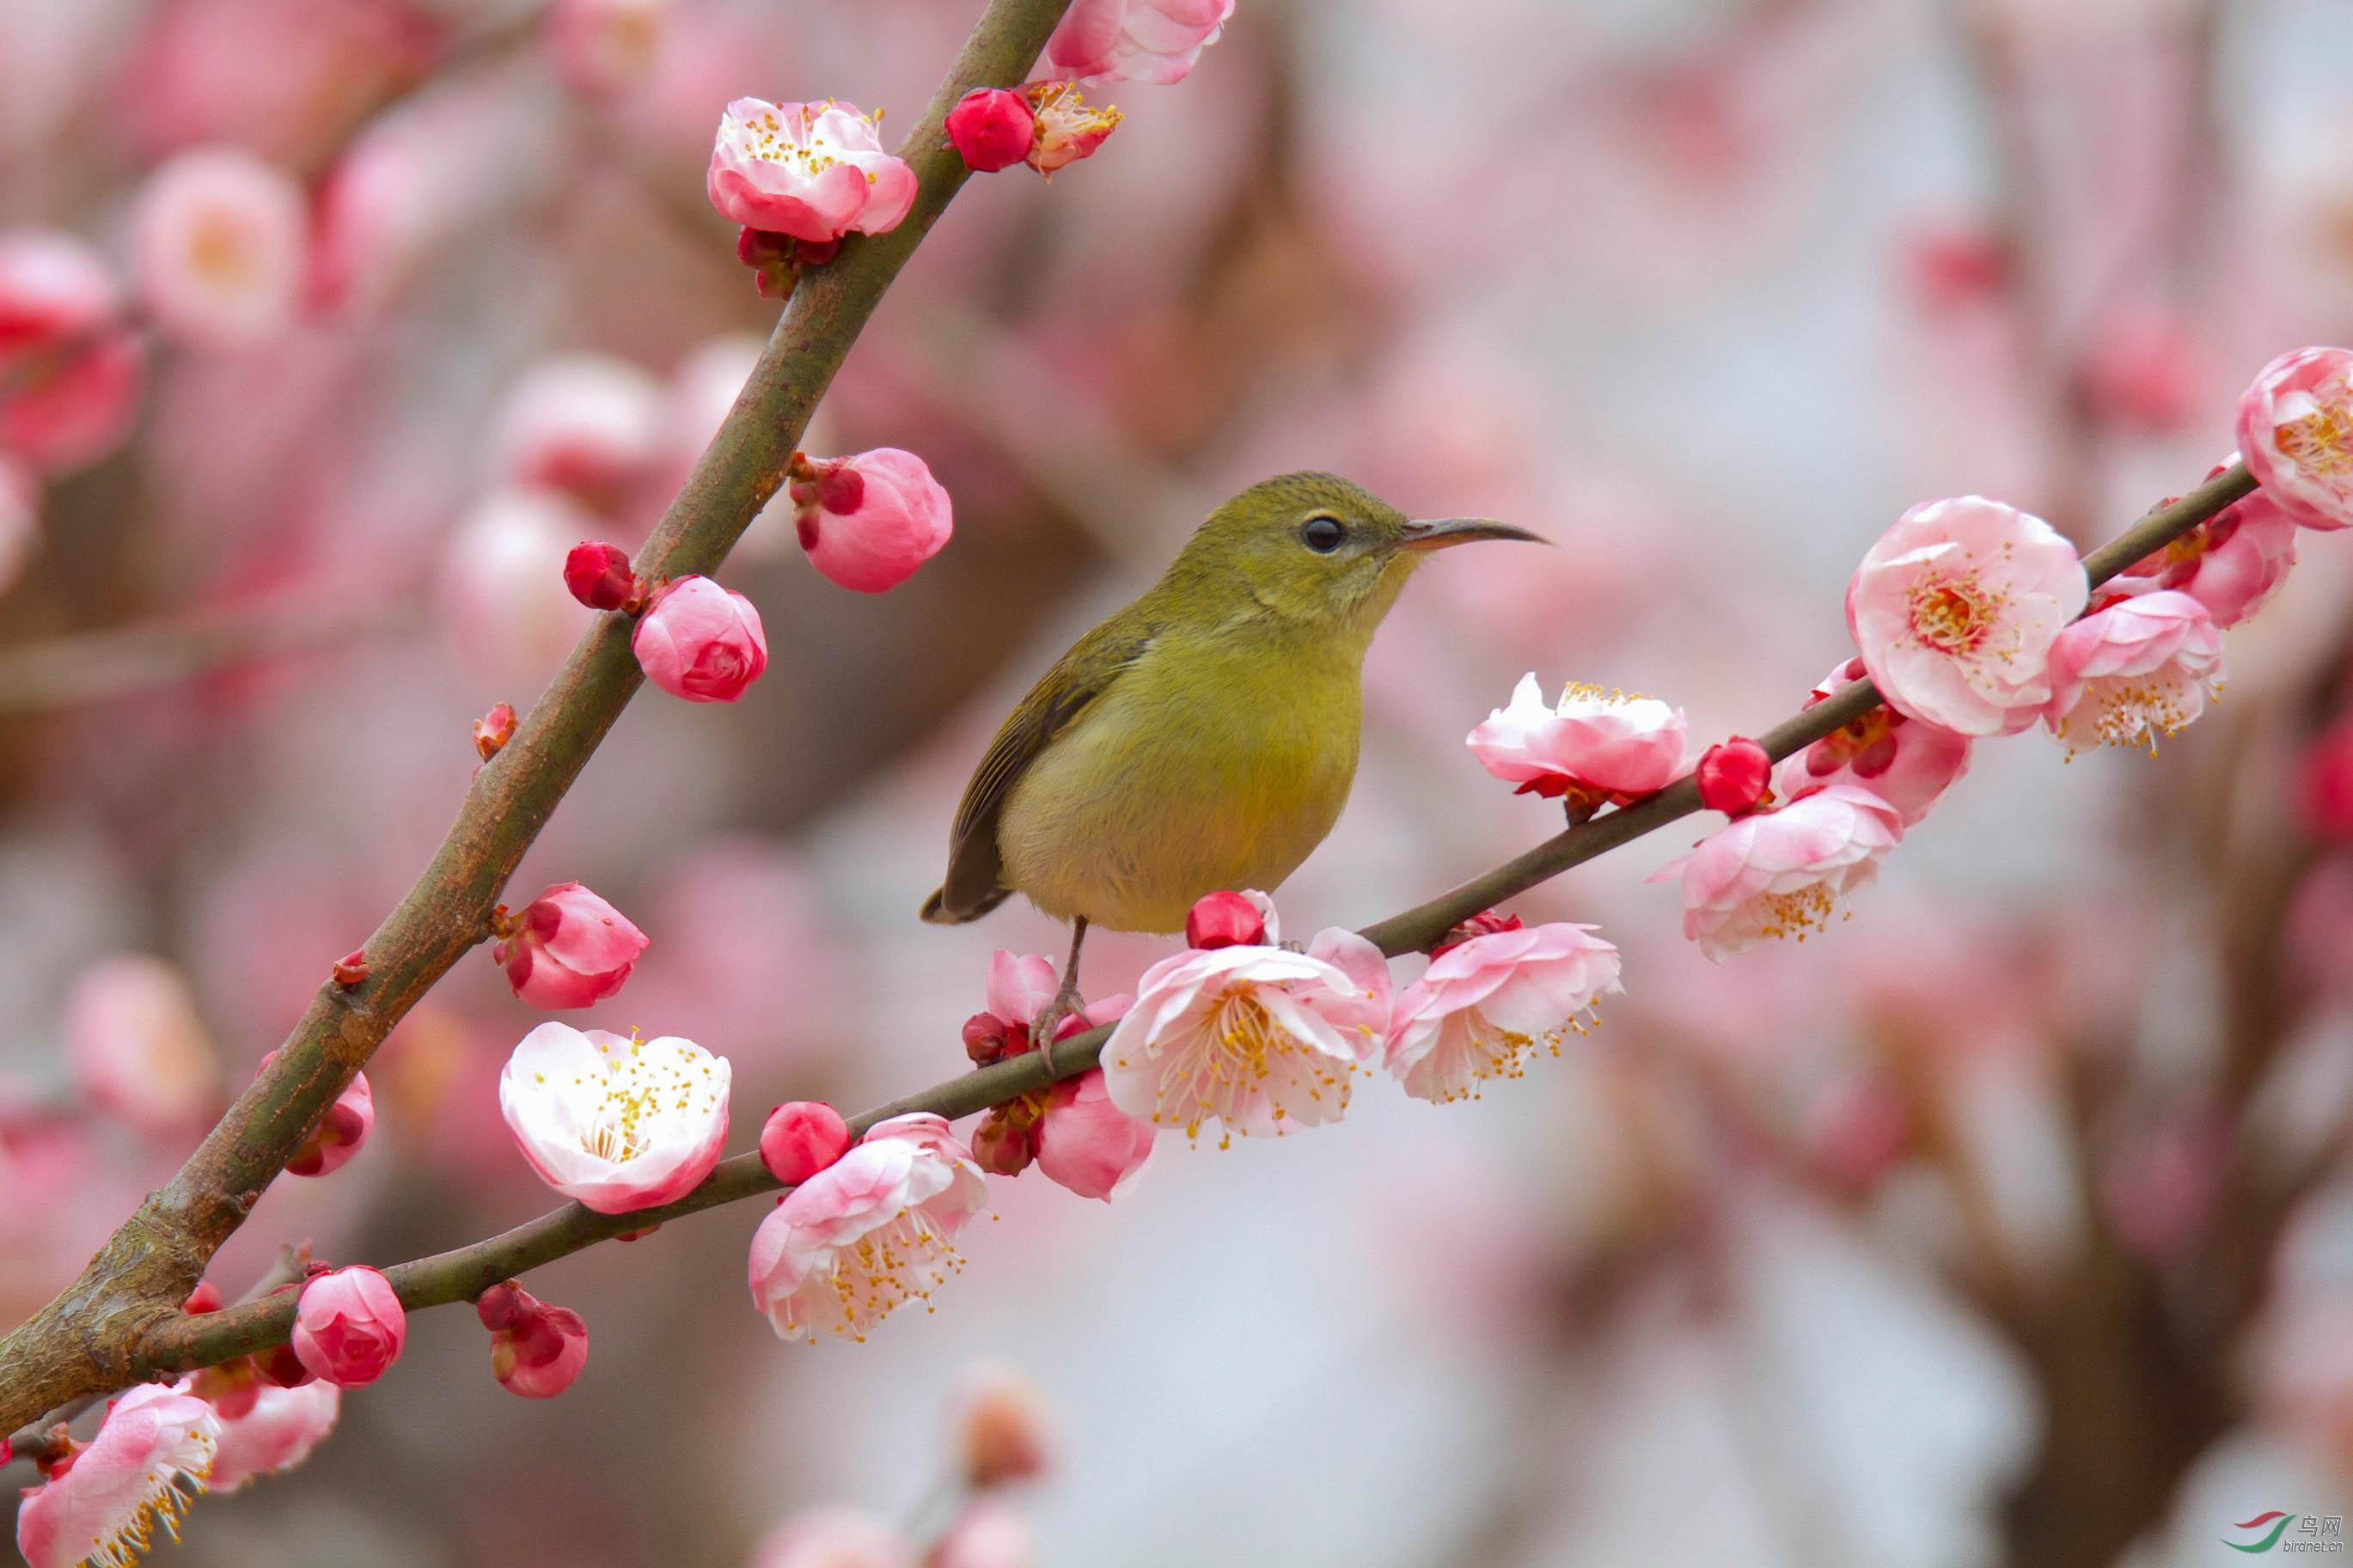 叉尾太阳鸟-三峡坝区.jpg